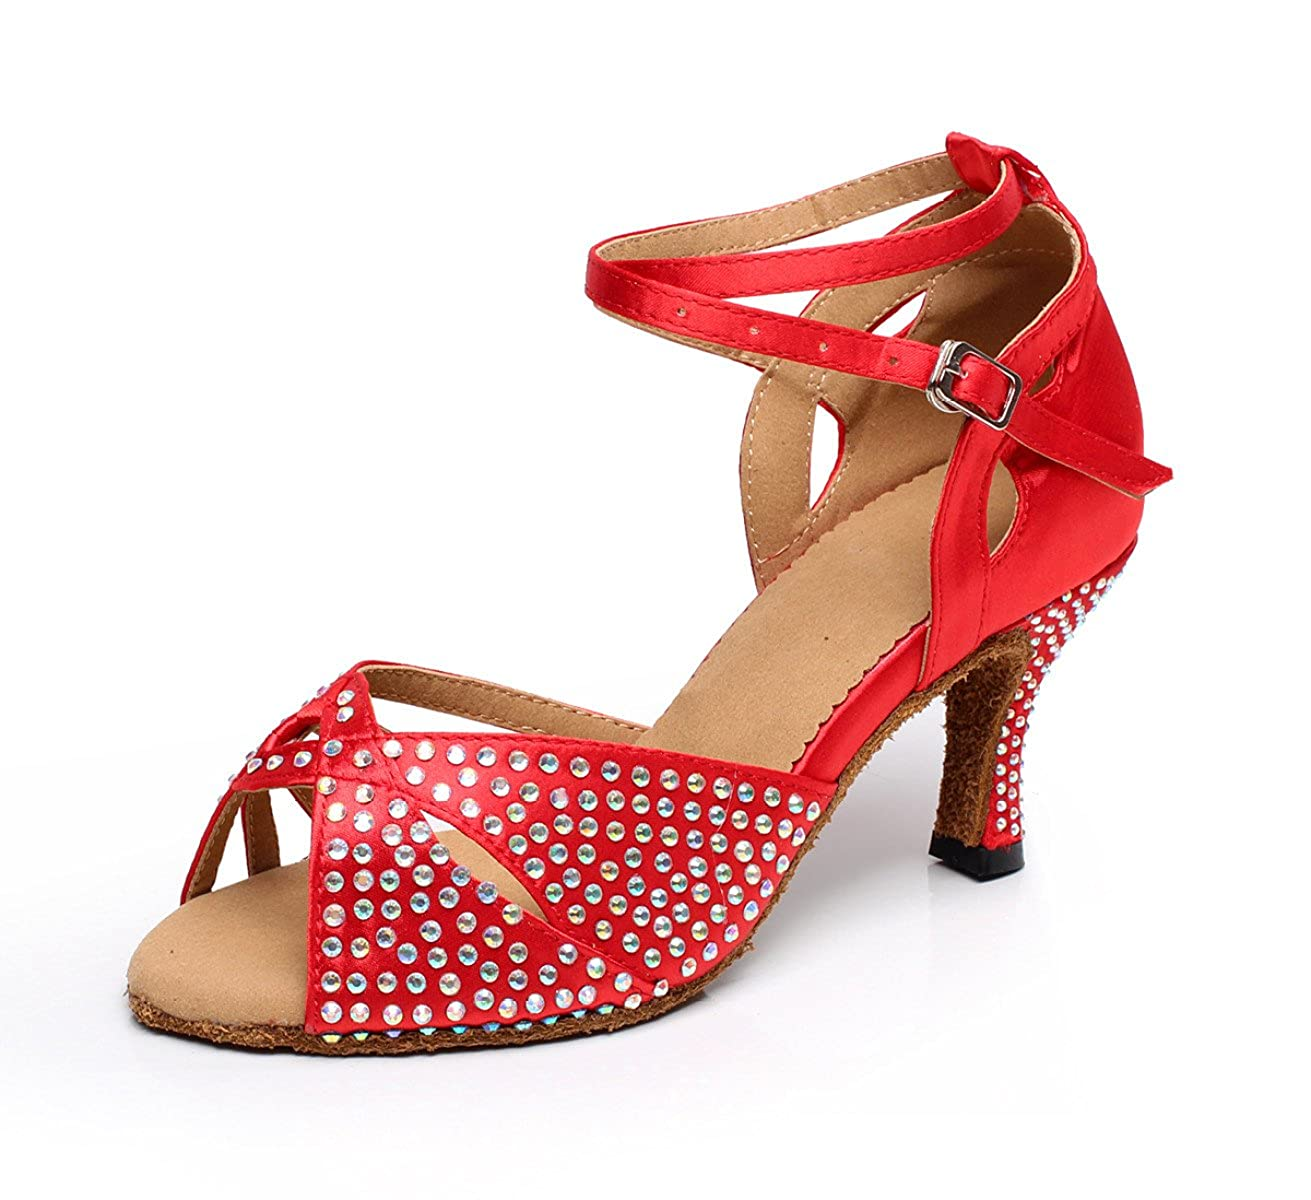 JSHOE Cristaux de de Femmes étincelant Satin - Latin Salsa Femmes Chaussures de Danse Tango/Thé/Samba/Moderne/Jazz Chaussures Sandales Talons Hauts,Red-heeled7.5cm-UK2.5/EU32/Our33 - 9d1c8ca - shopssong.space